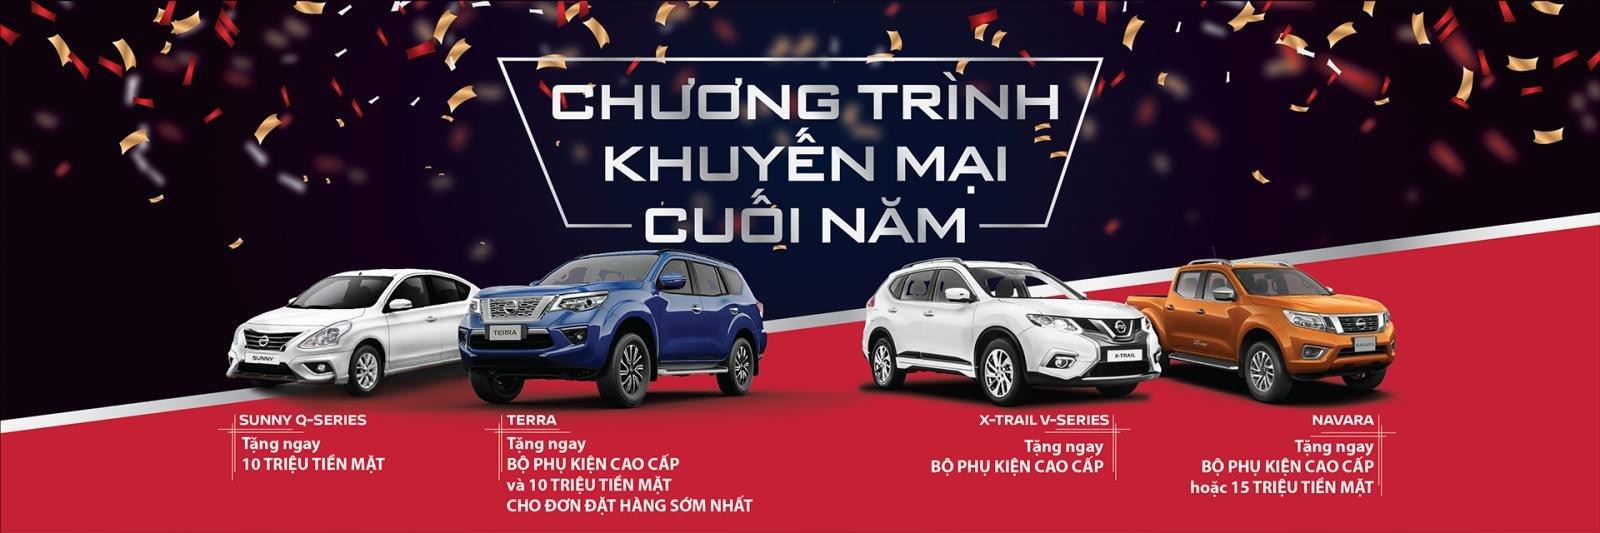 """Khuyến mại tháng 12/2018 của Nissan: """"Tân binh"""" Nissan Terra cũng có quà a1"""